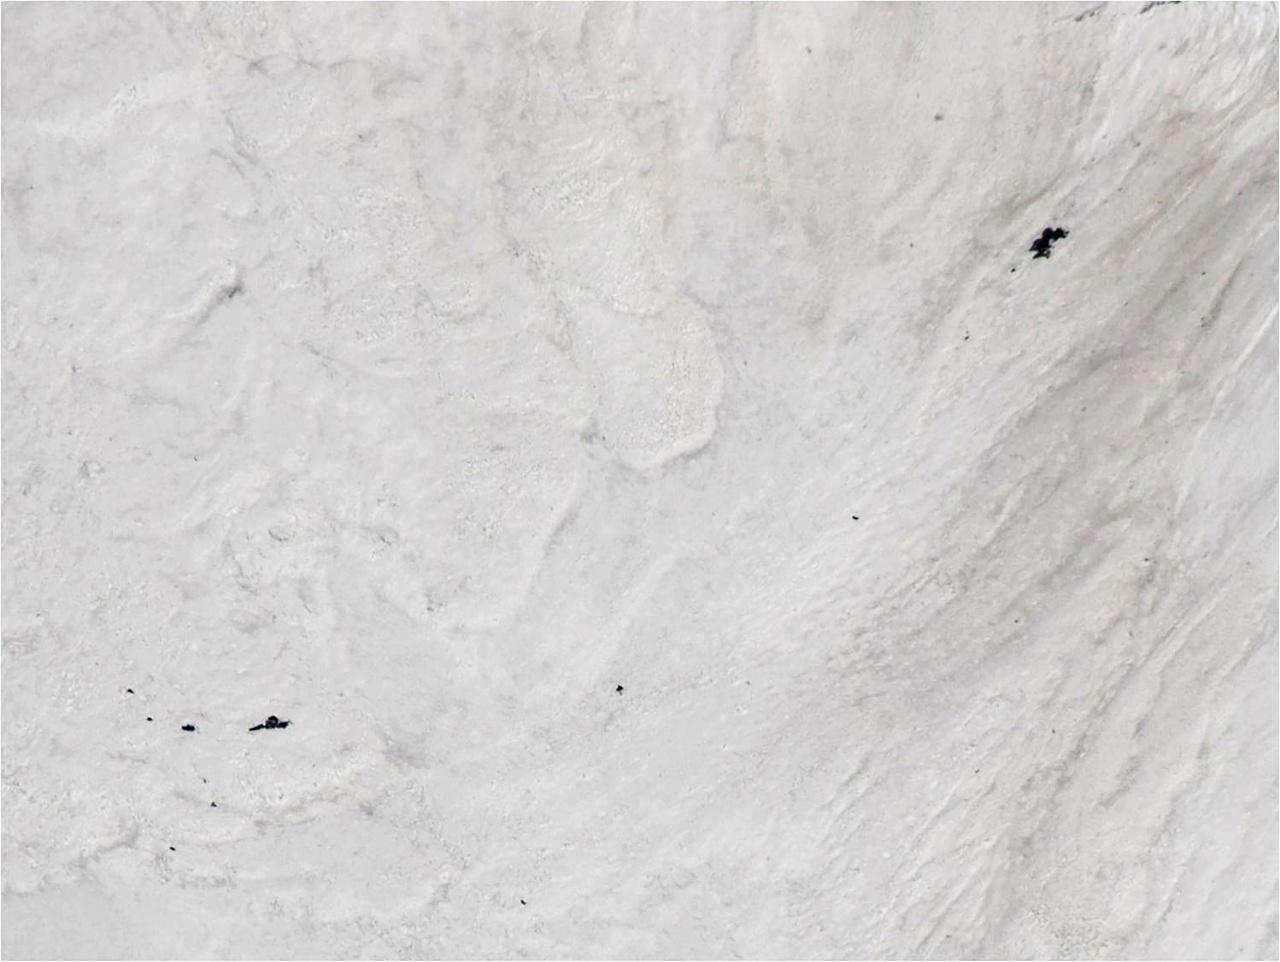 ภาพถ่ายทางอากาศ นักบินอินเดียบนเฮลิคอปเตอร์ บันทึกภาพ แสดงให้เห็นอุปกรณ์ปีนเขาและร่างของนักปีนเขาบางส่วนถูกฝังอยู่ใต้หิมะ